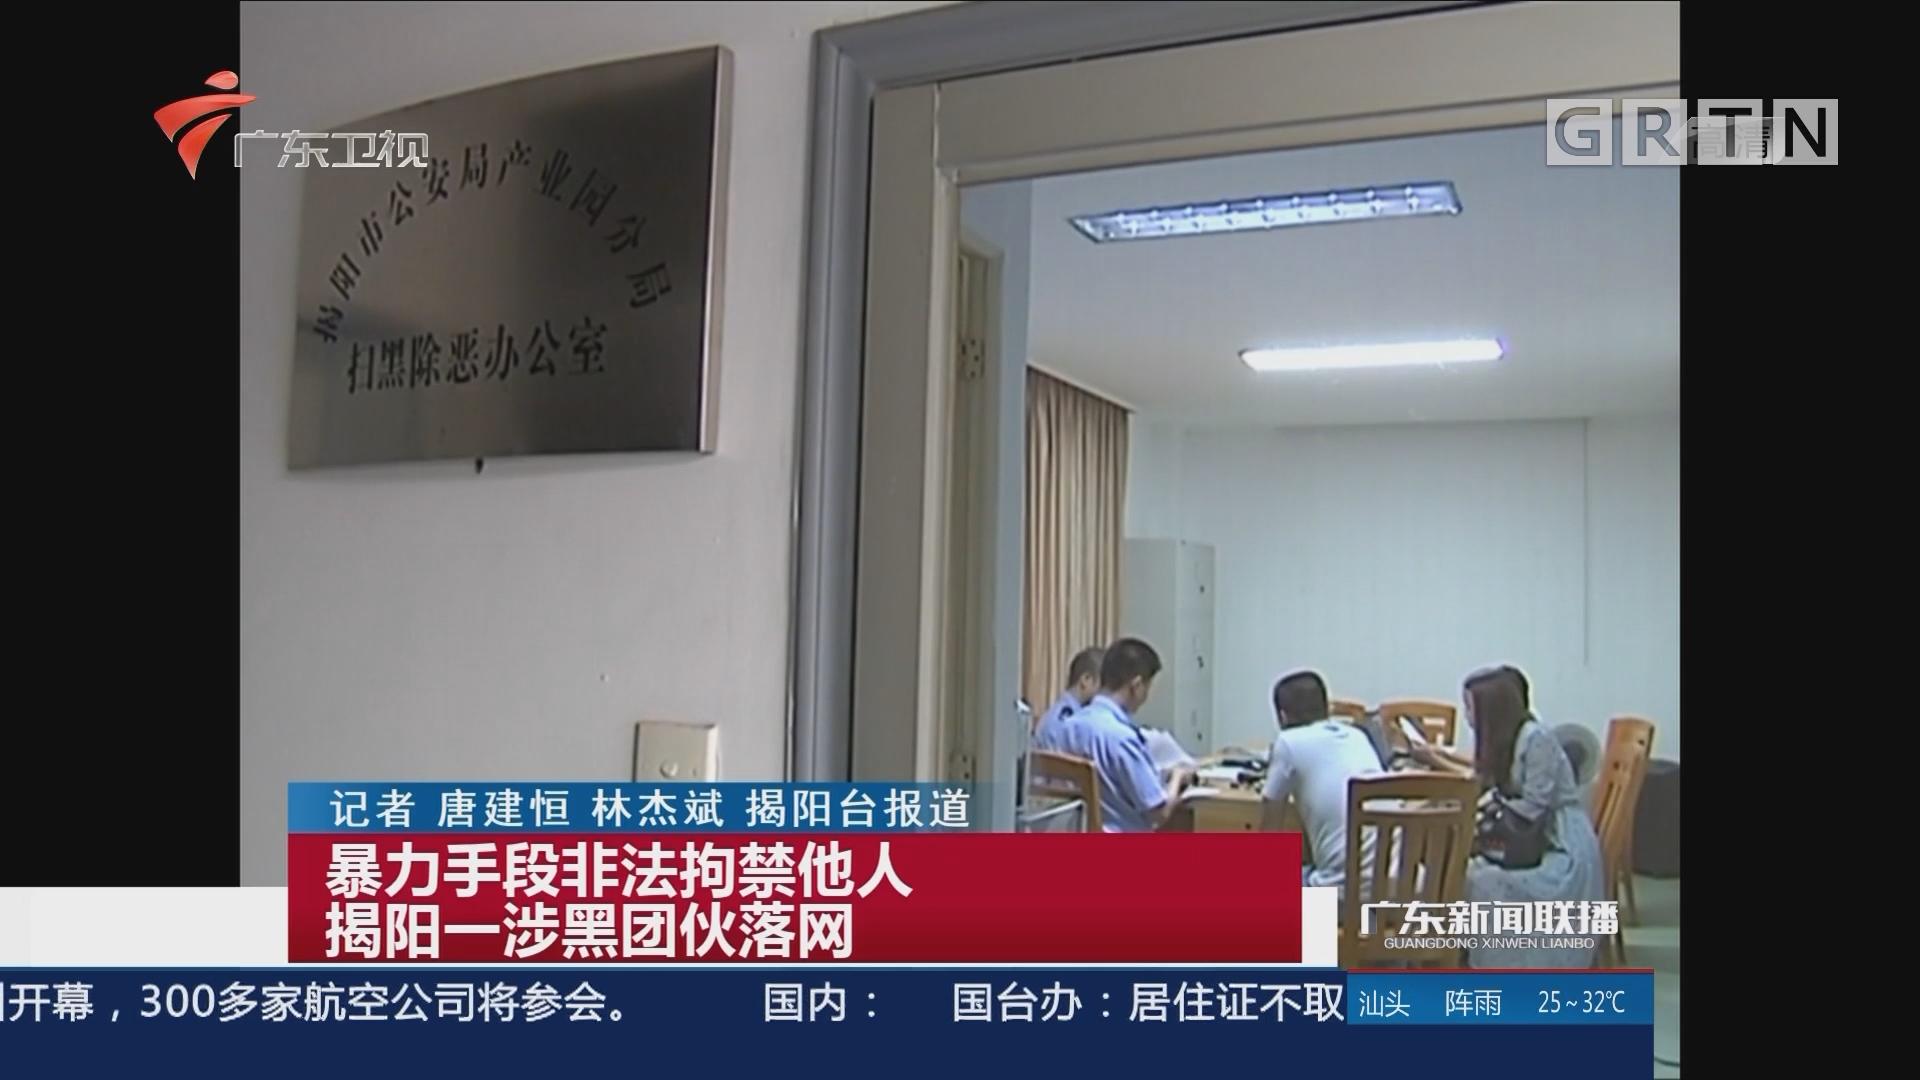 暴力手段非法拘禁他人 揭阳—涉黑团伙落网